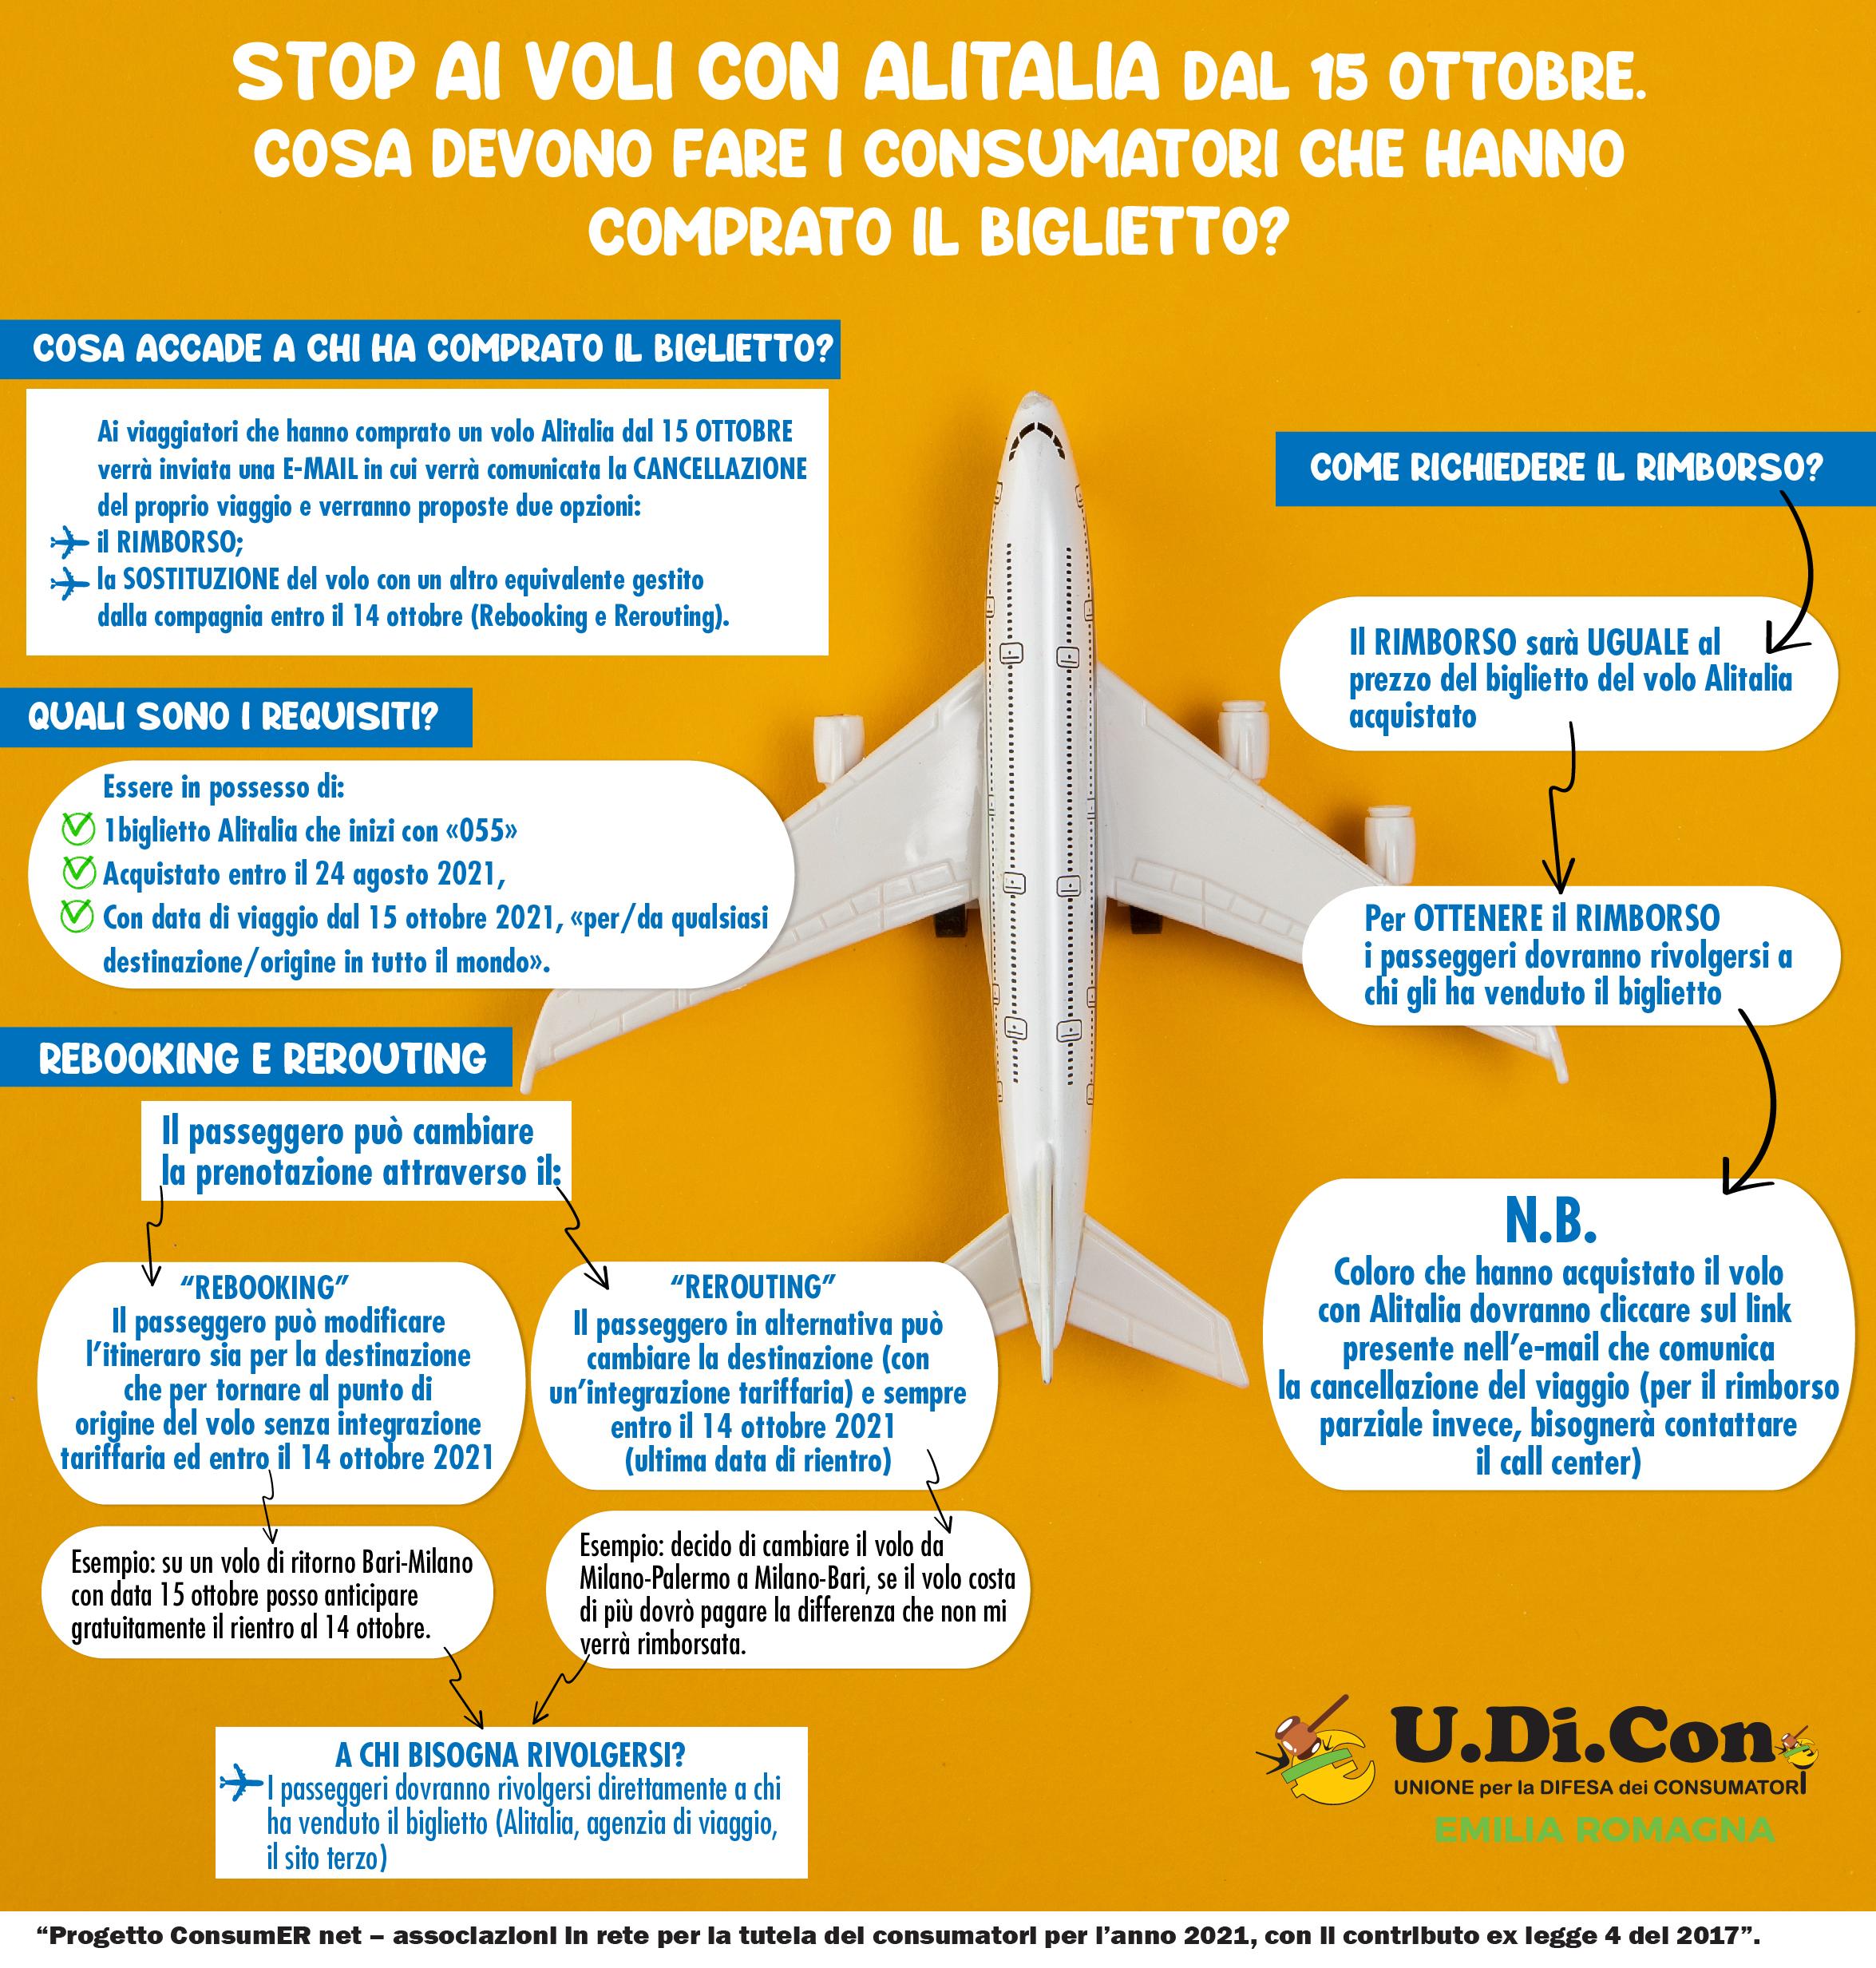 Infografica - Stop ai voli con Alitalia dal 15 ottobre. Cosa devono fare i consumatori che hanno comprato il biglietto?